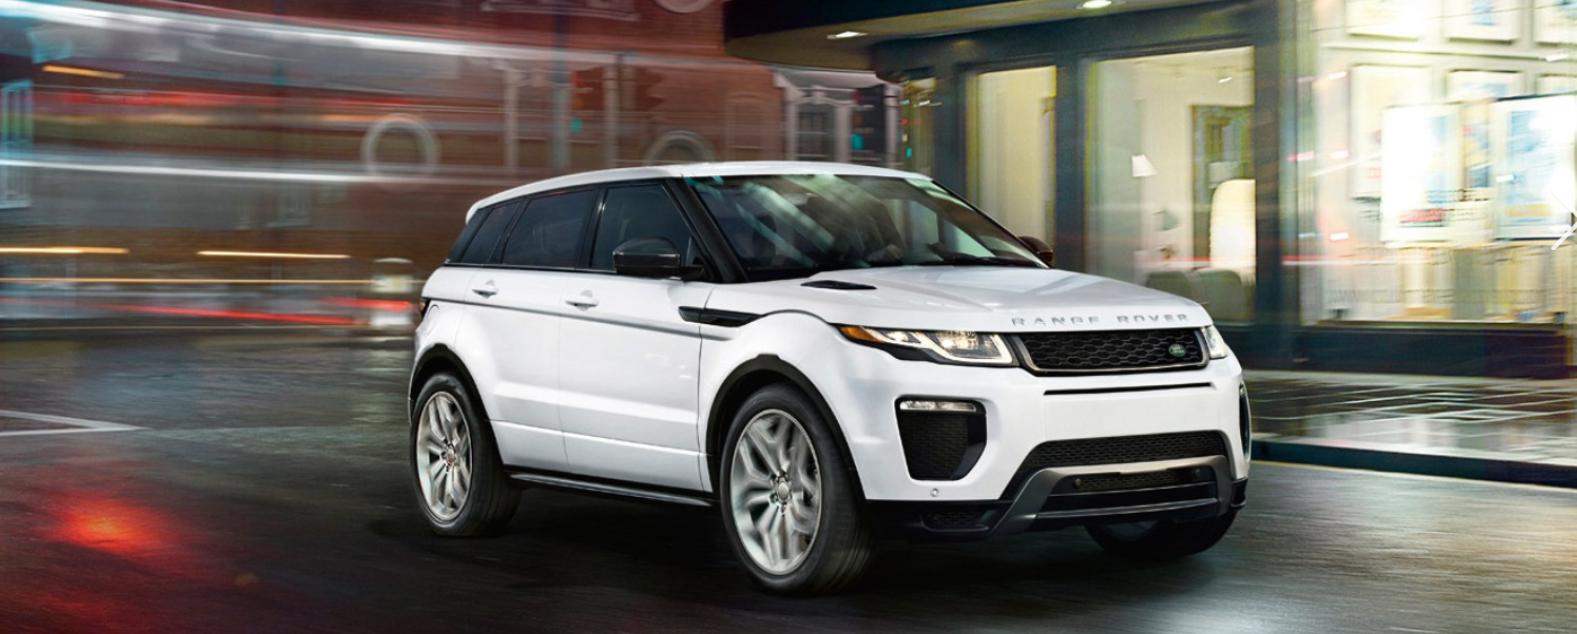 2019 Range Rover Evoque Albuquerque, NM